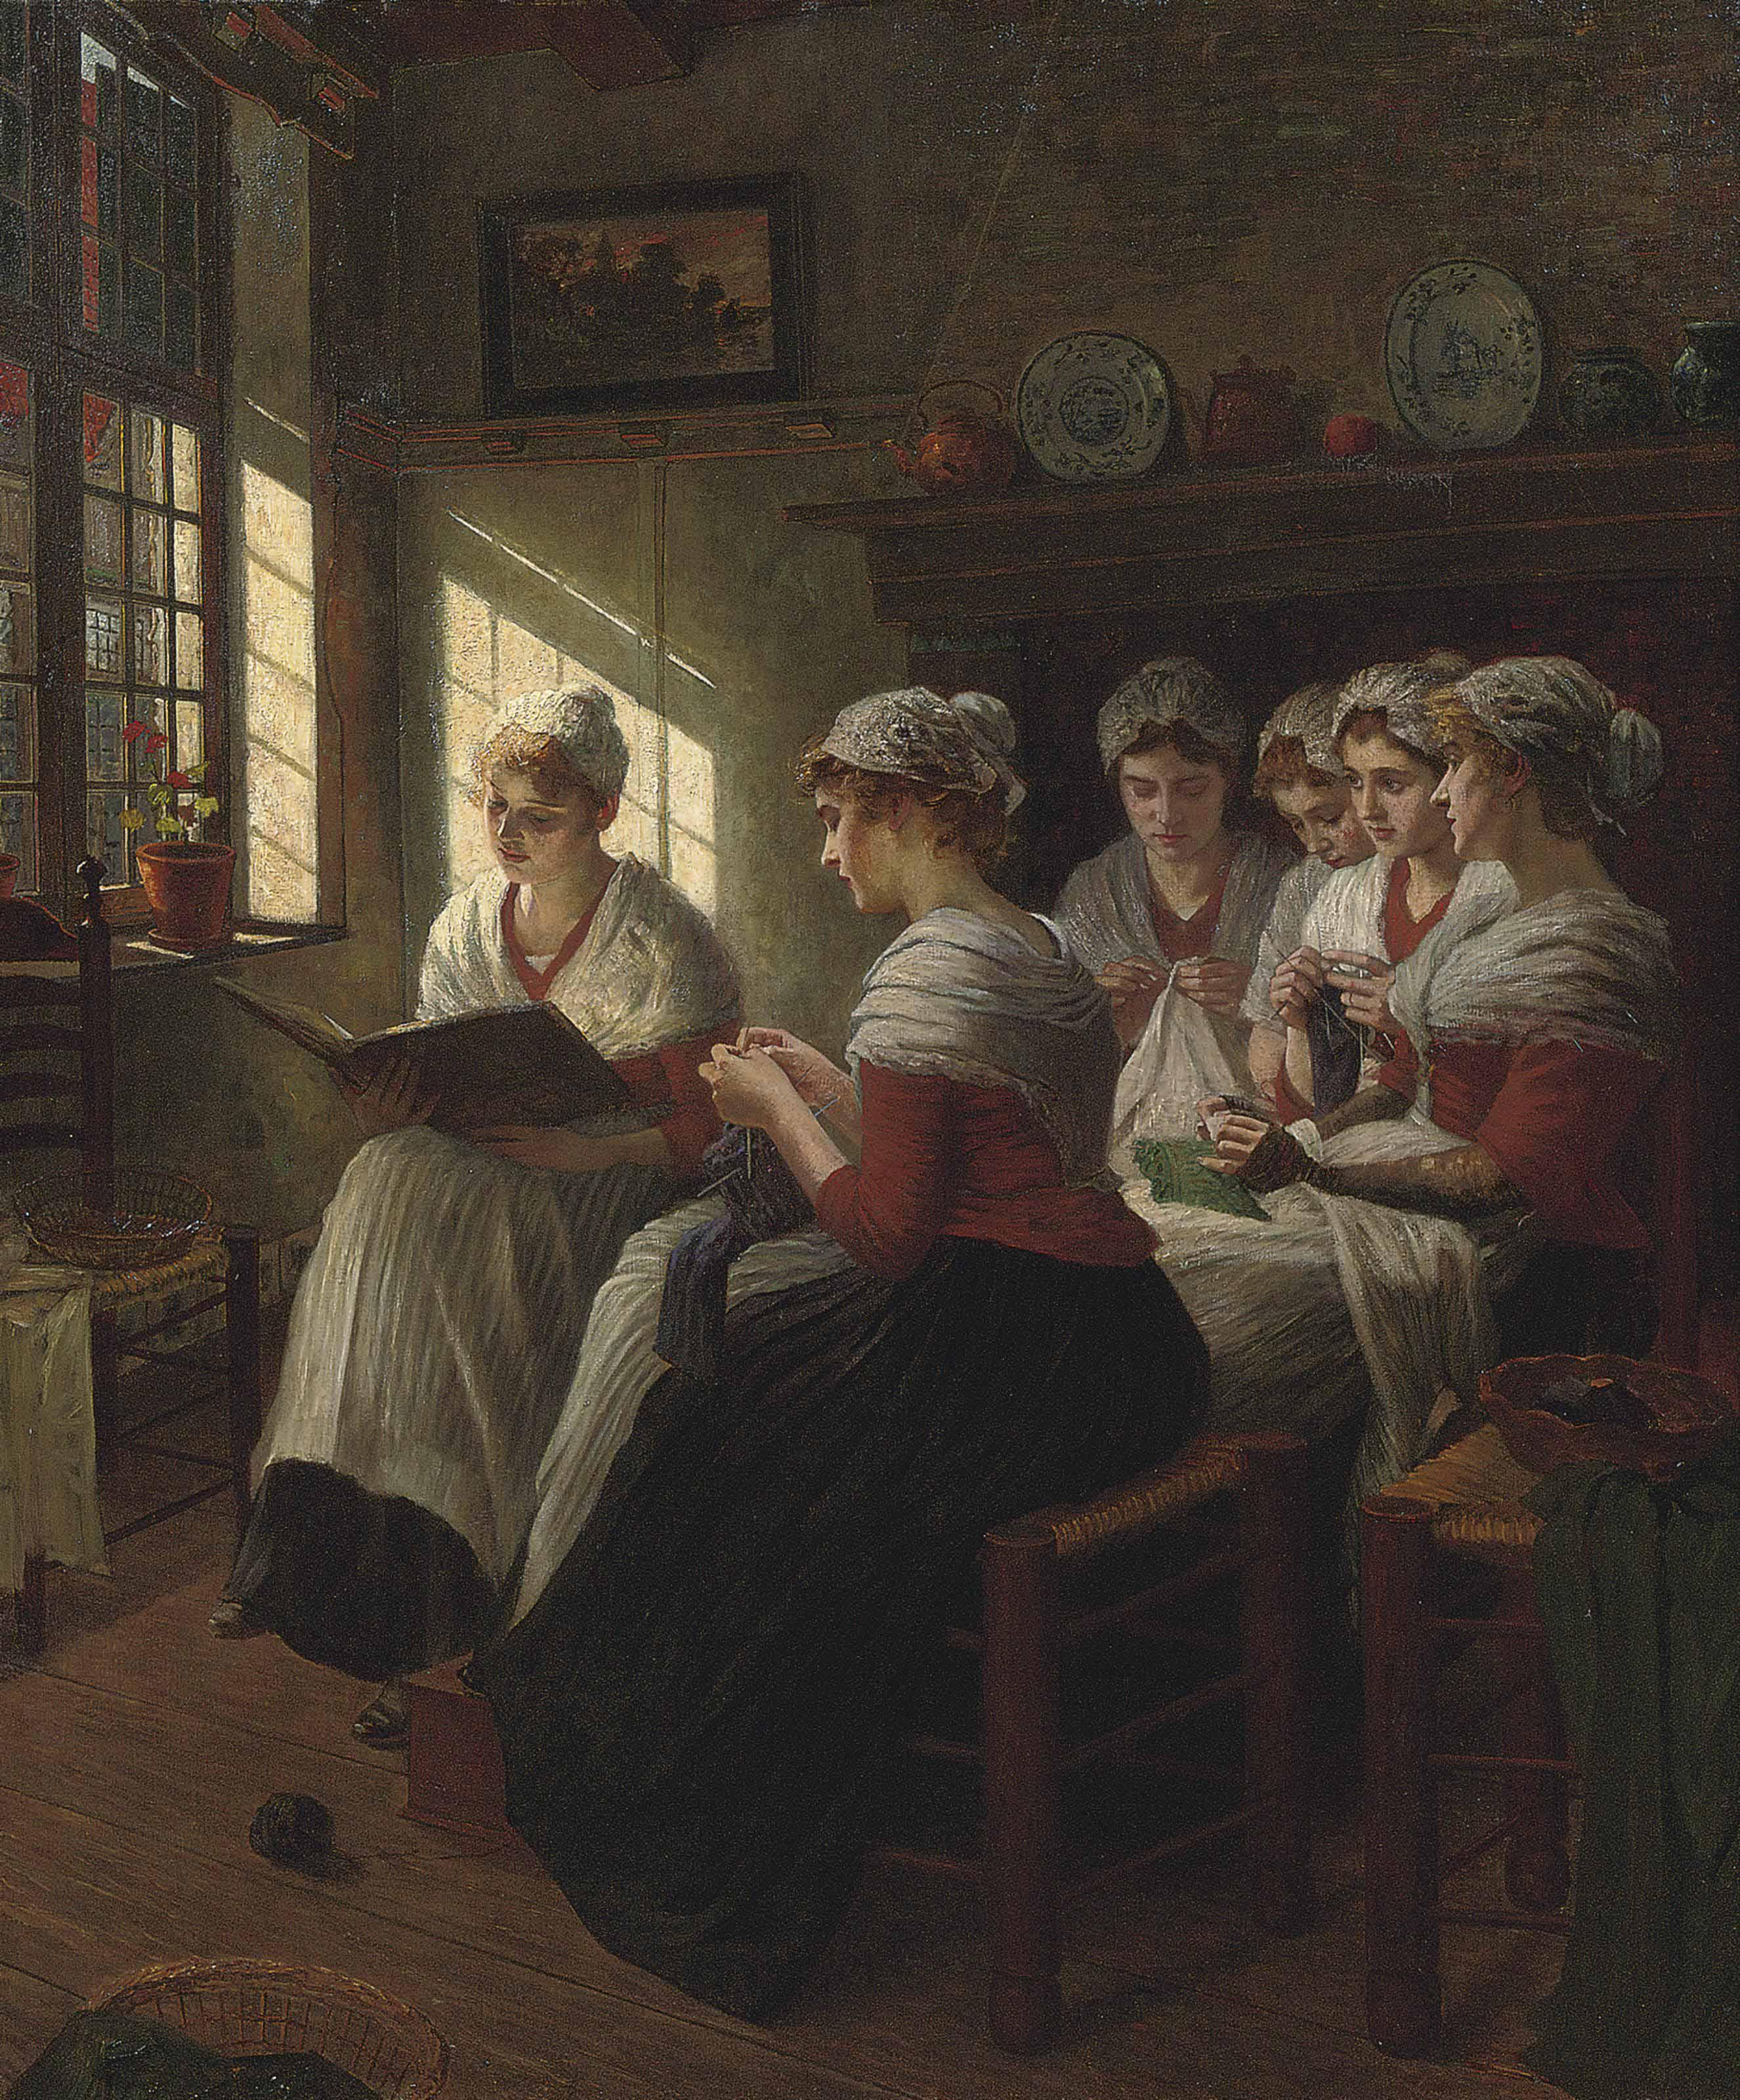 Girls knitting in the sunlight